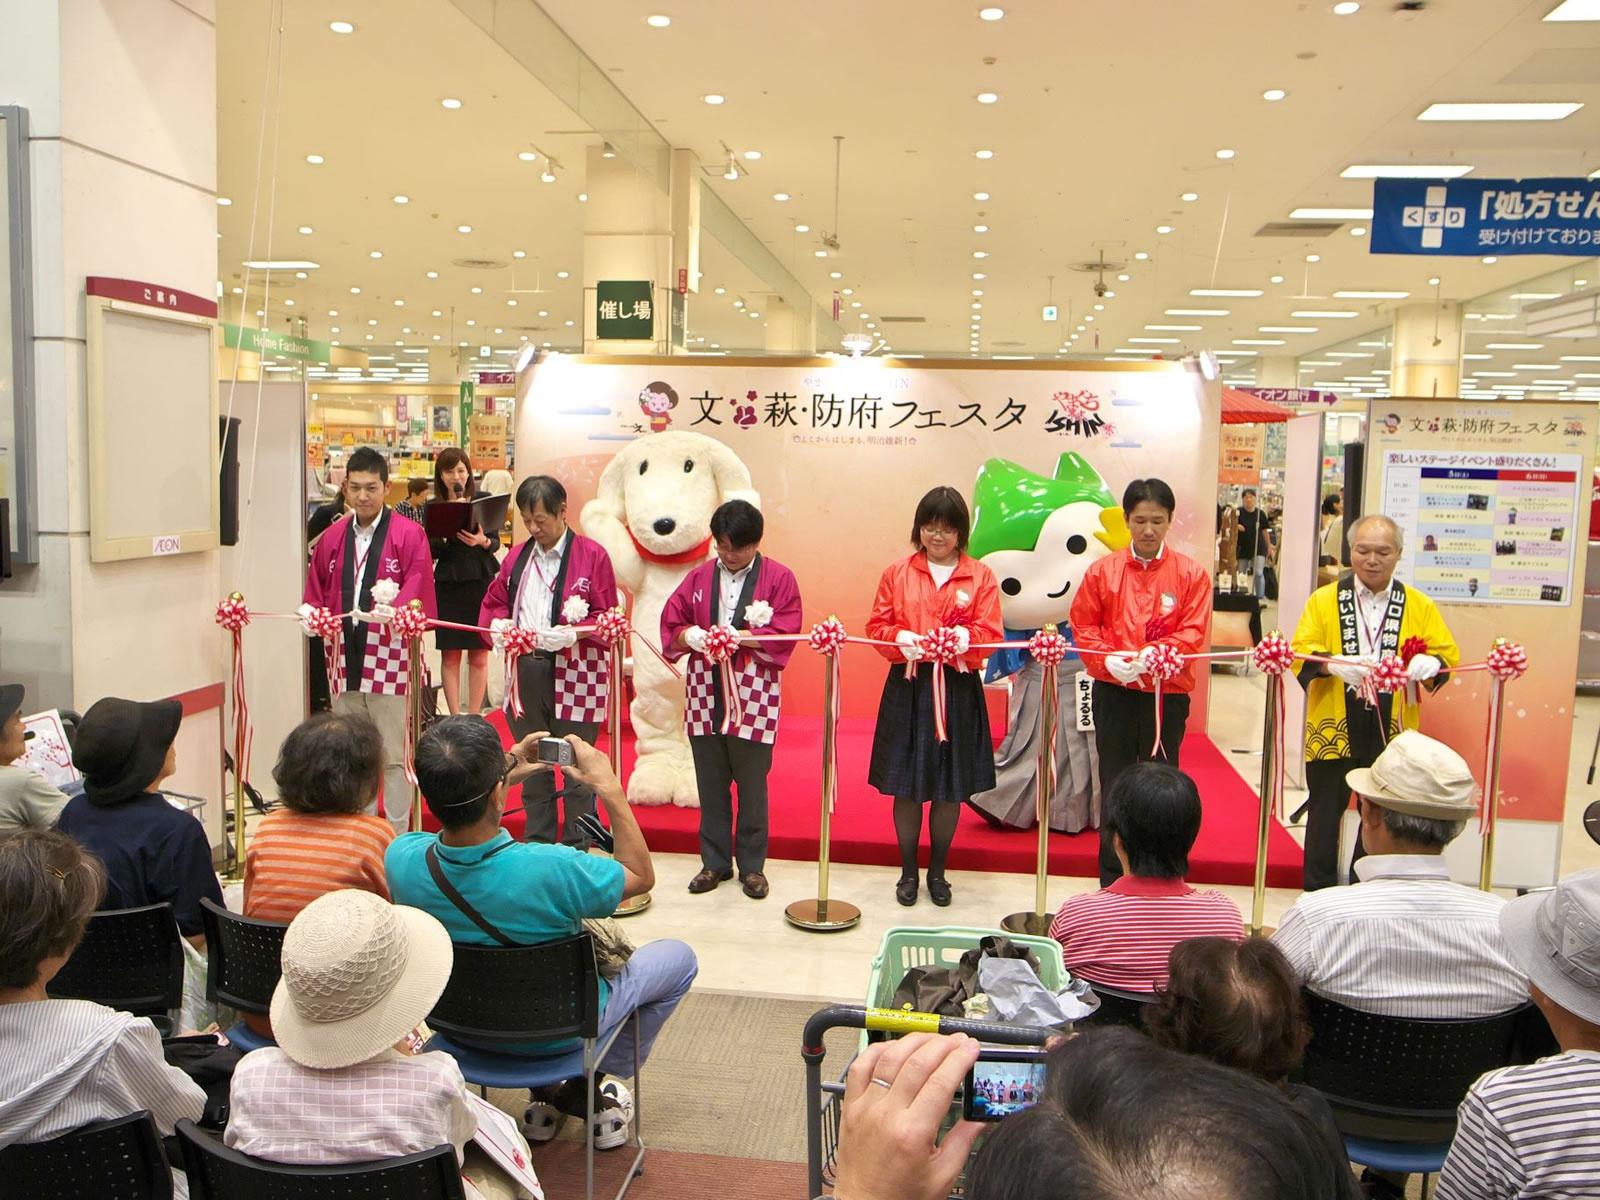 広島のみんなにやまぐちの観光、グルメ、歴史文化を紹介したよ☆彡